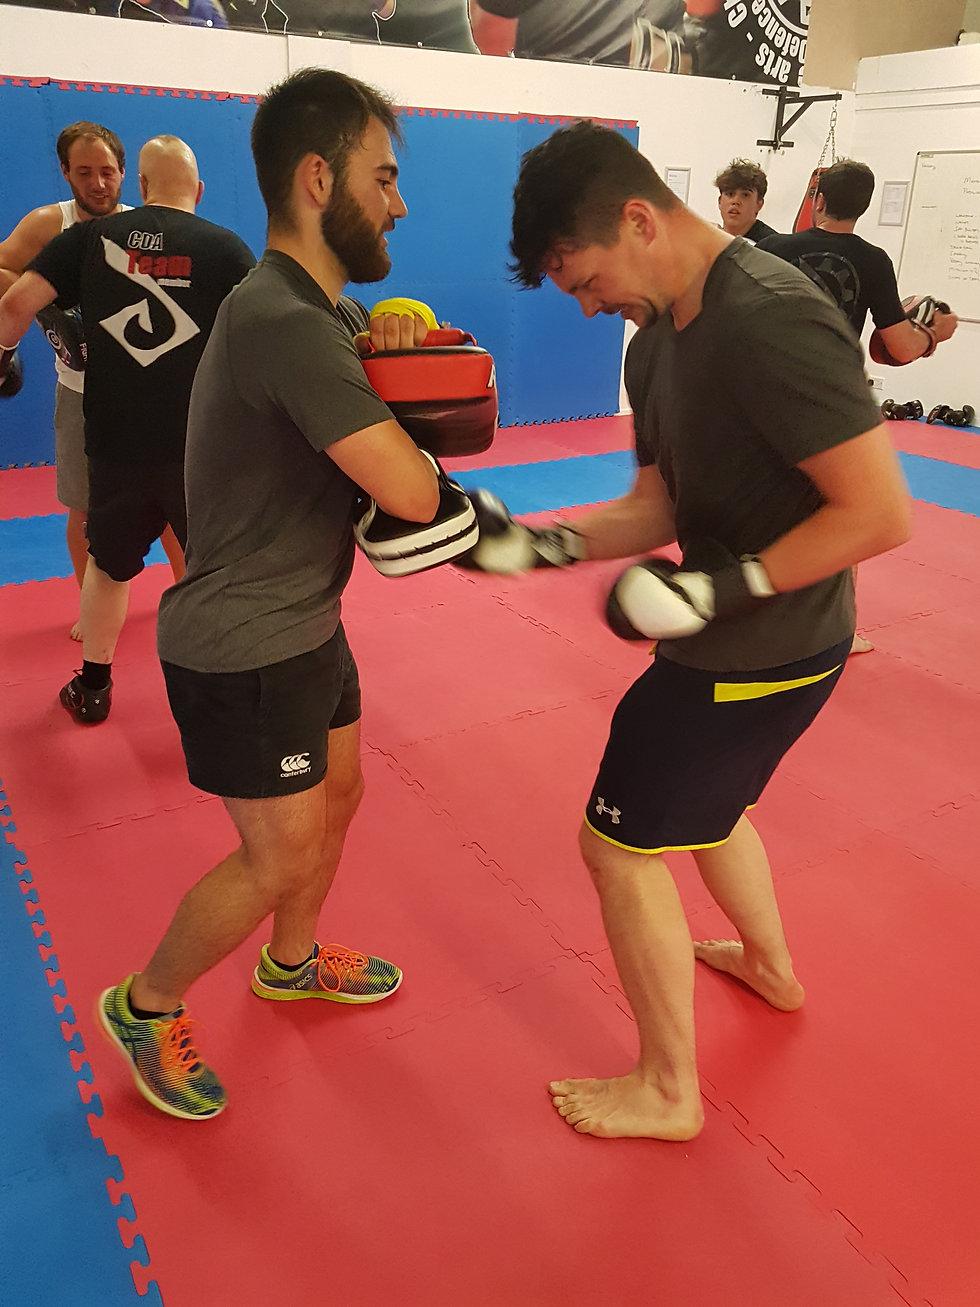 Final punching burnout in a kickboxing class